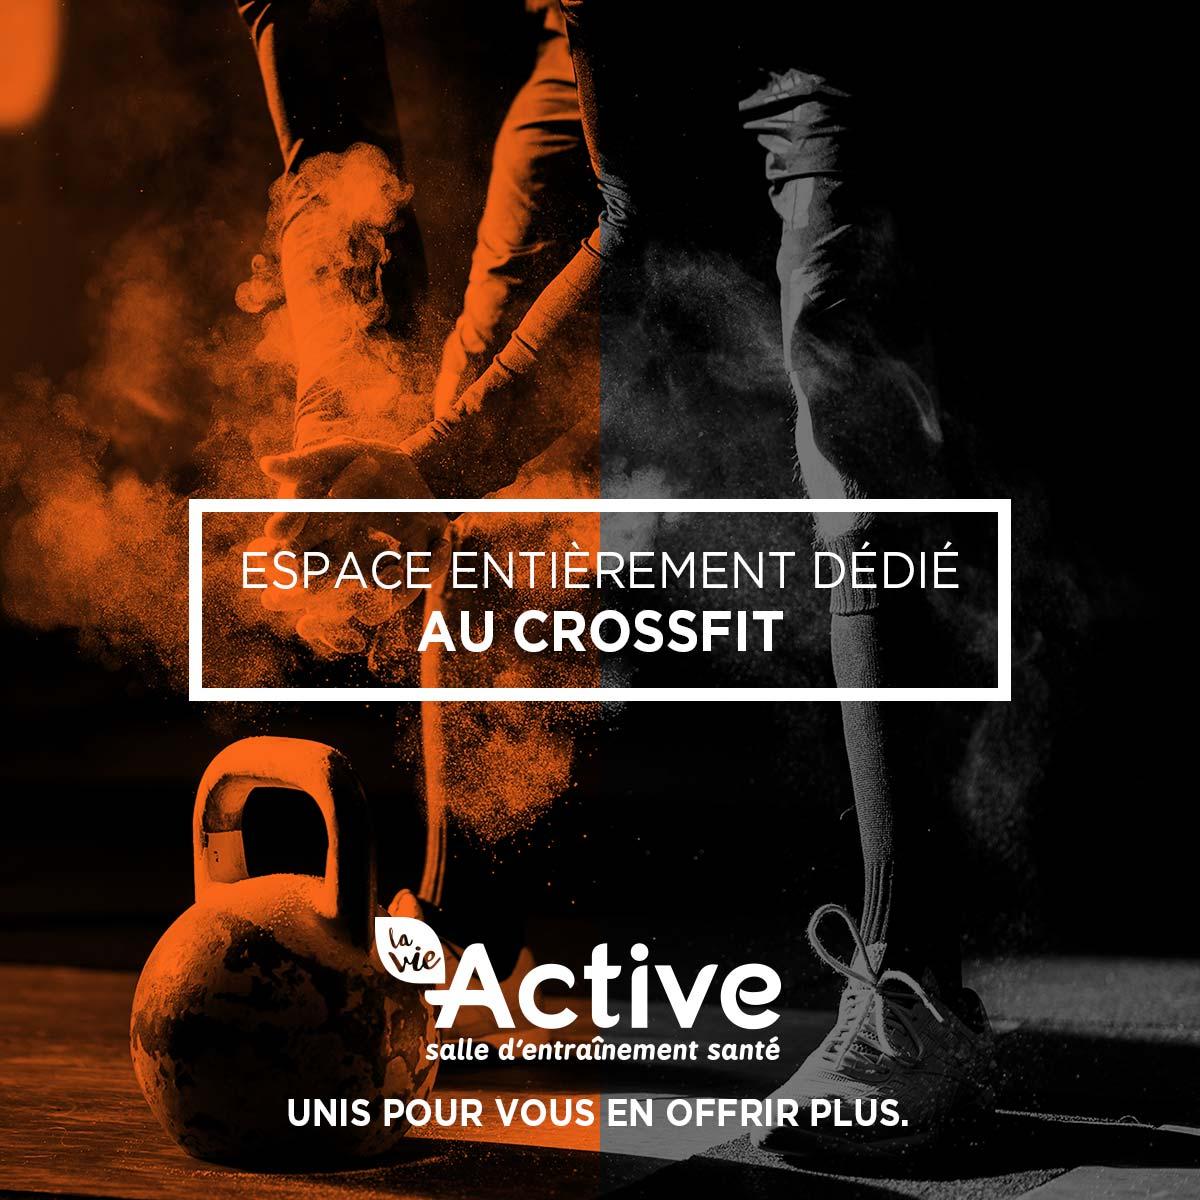 Crossfit - La Vie Active